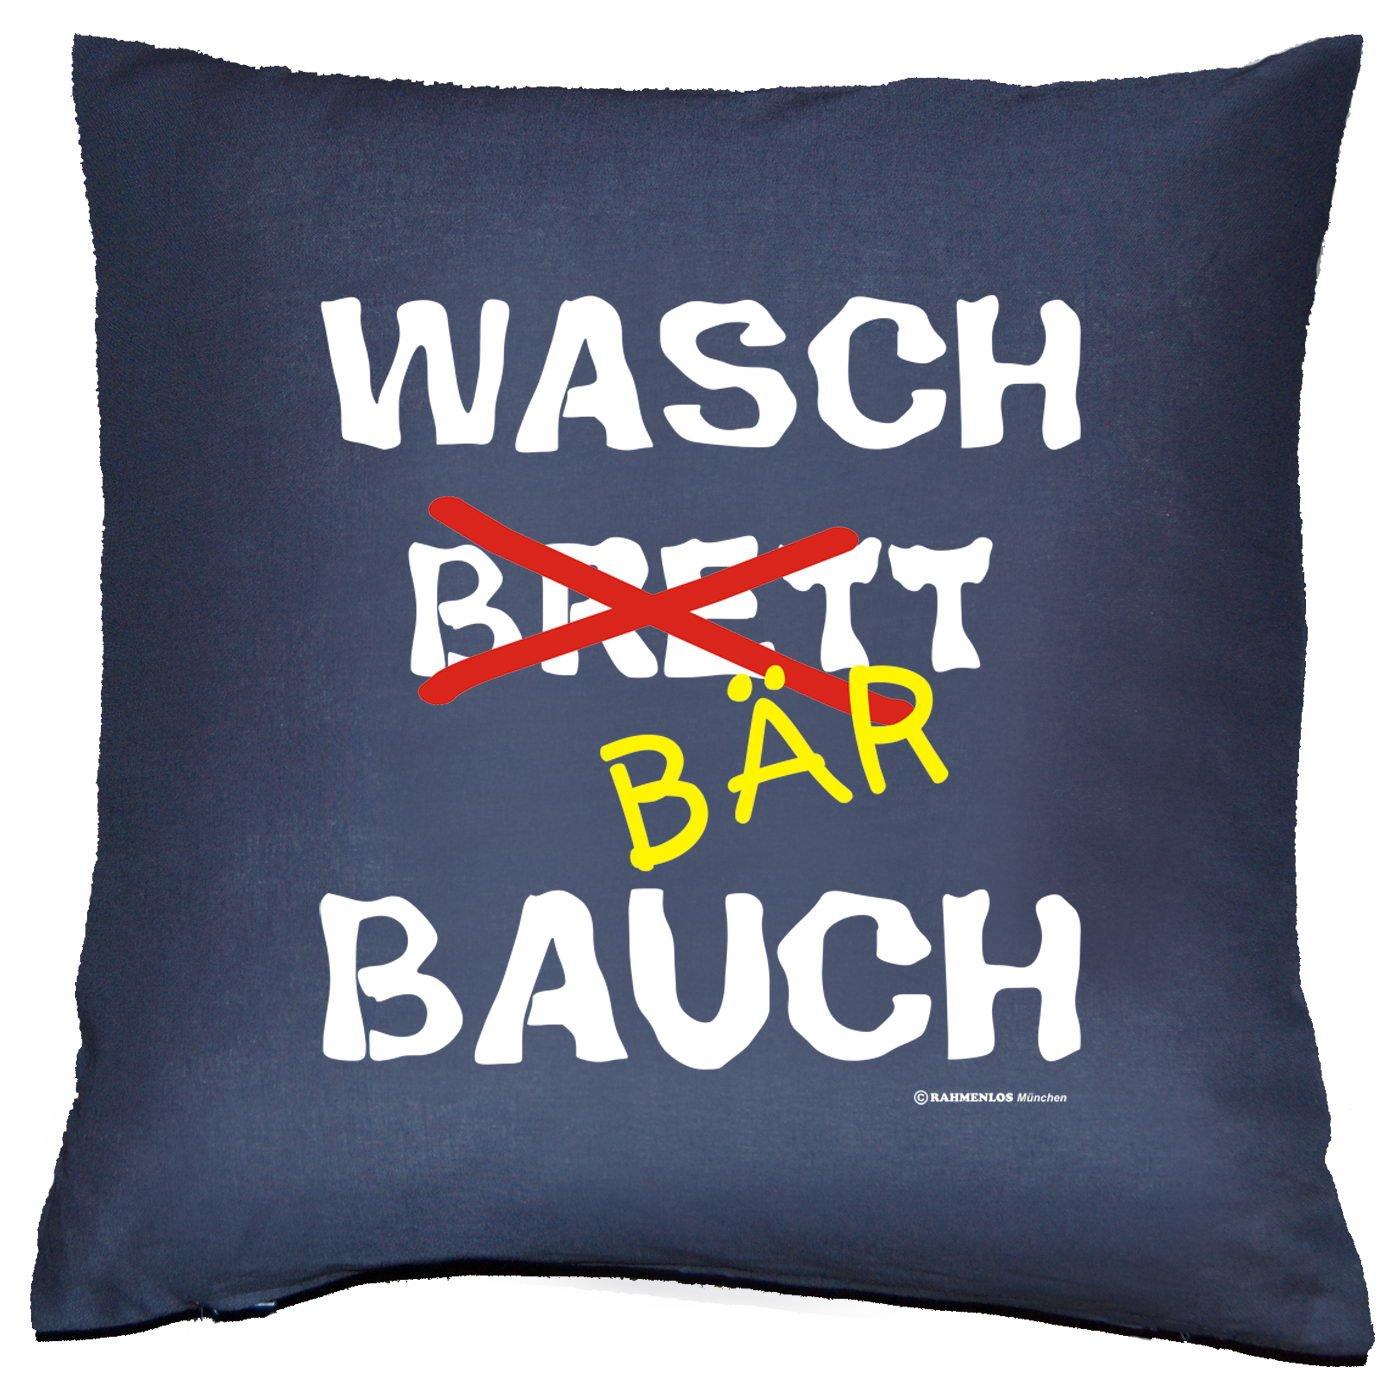 Sofa Fun Kissen mit Füllung – Spruch: Waschbärbauch – cooles lustiges Geschenk Couchkissen Sofakissen Dekokissen Geburtstag Weihnachten kaufen